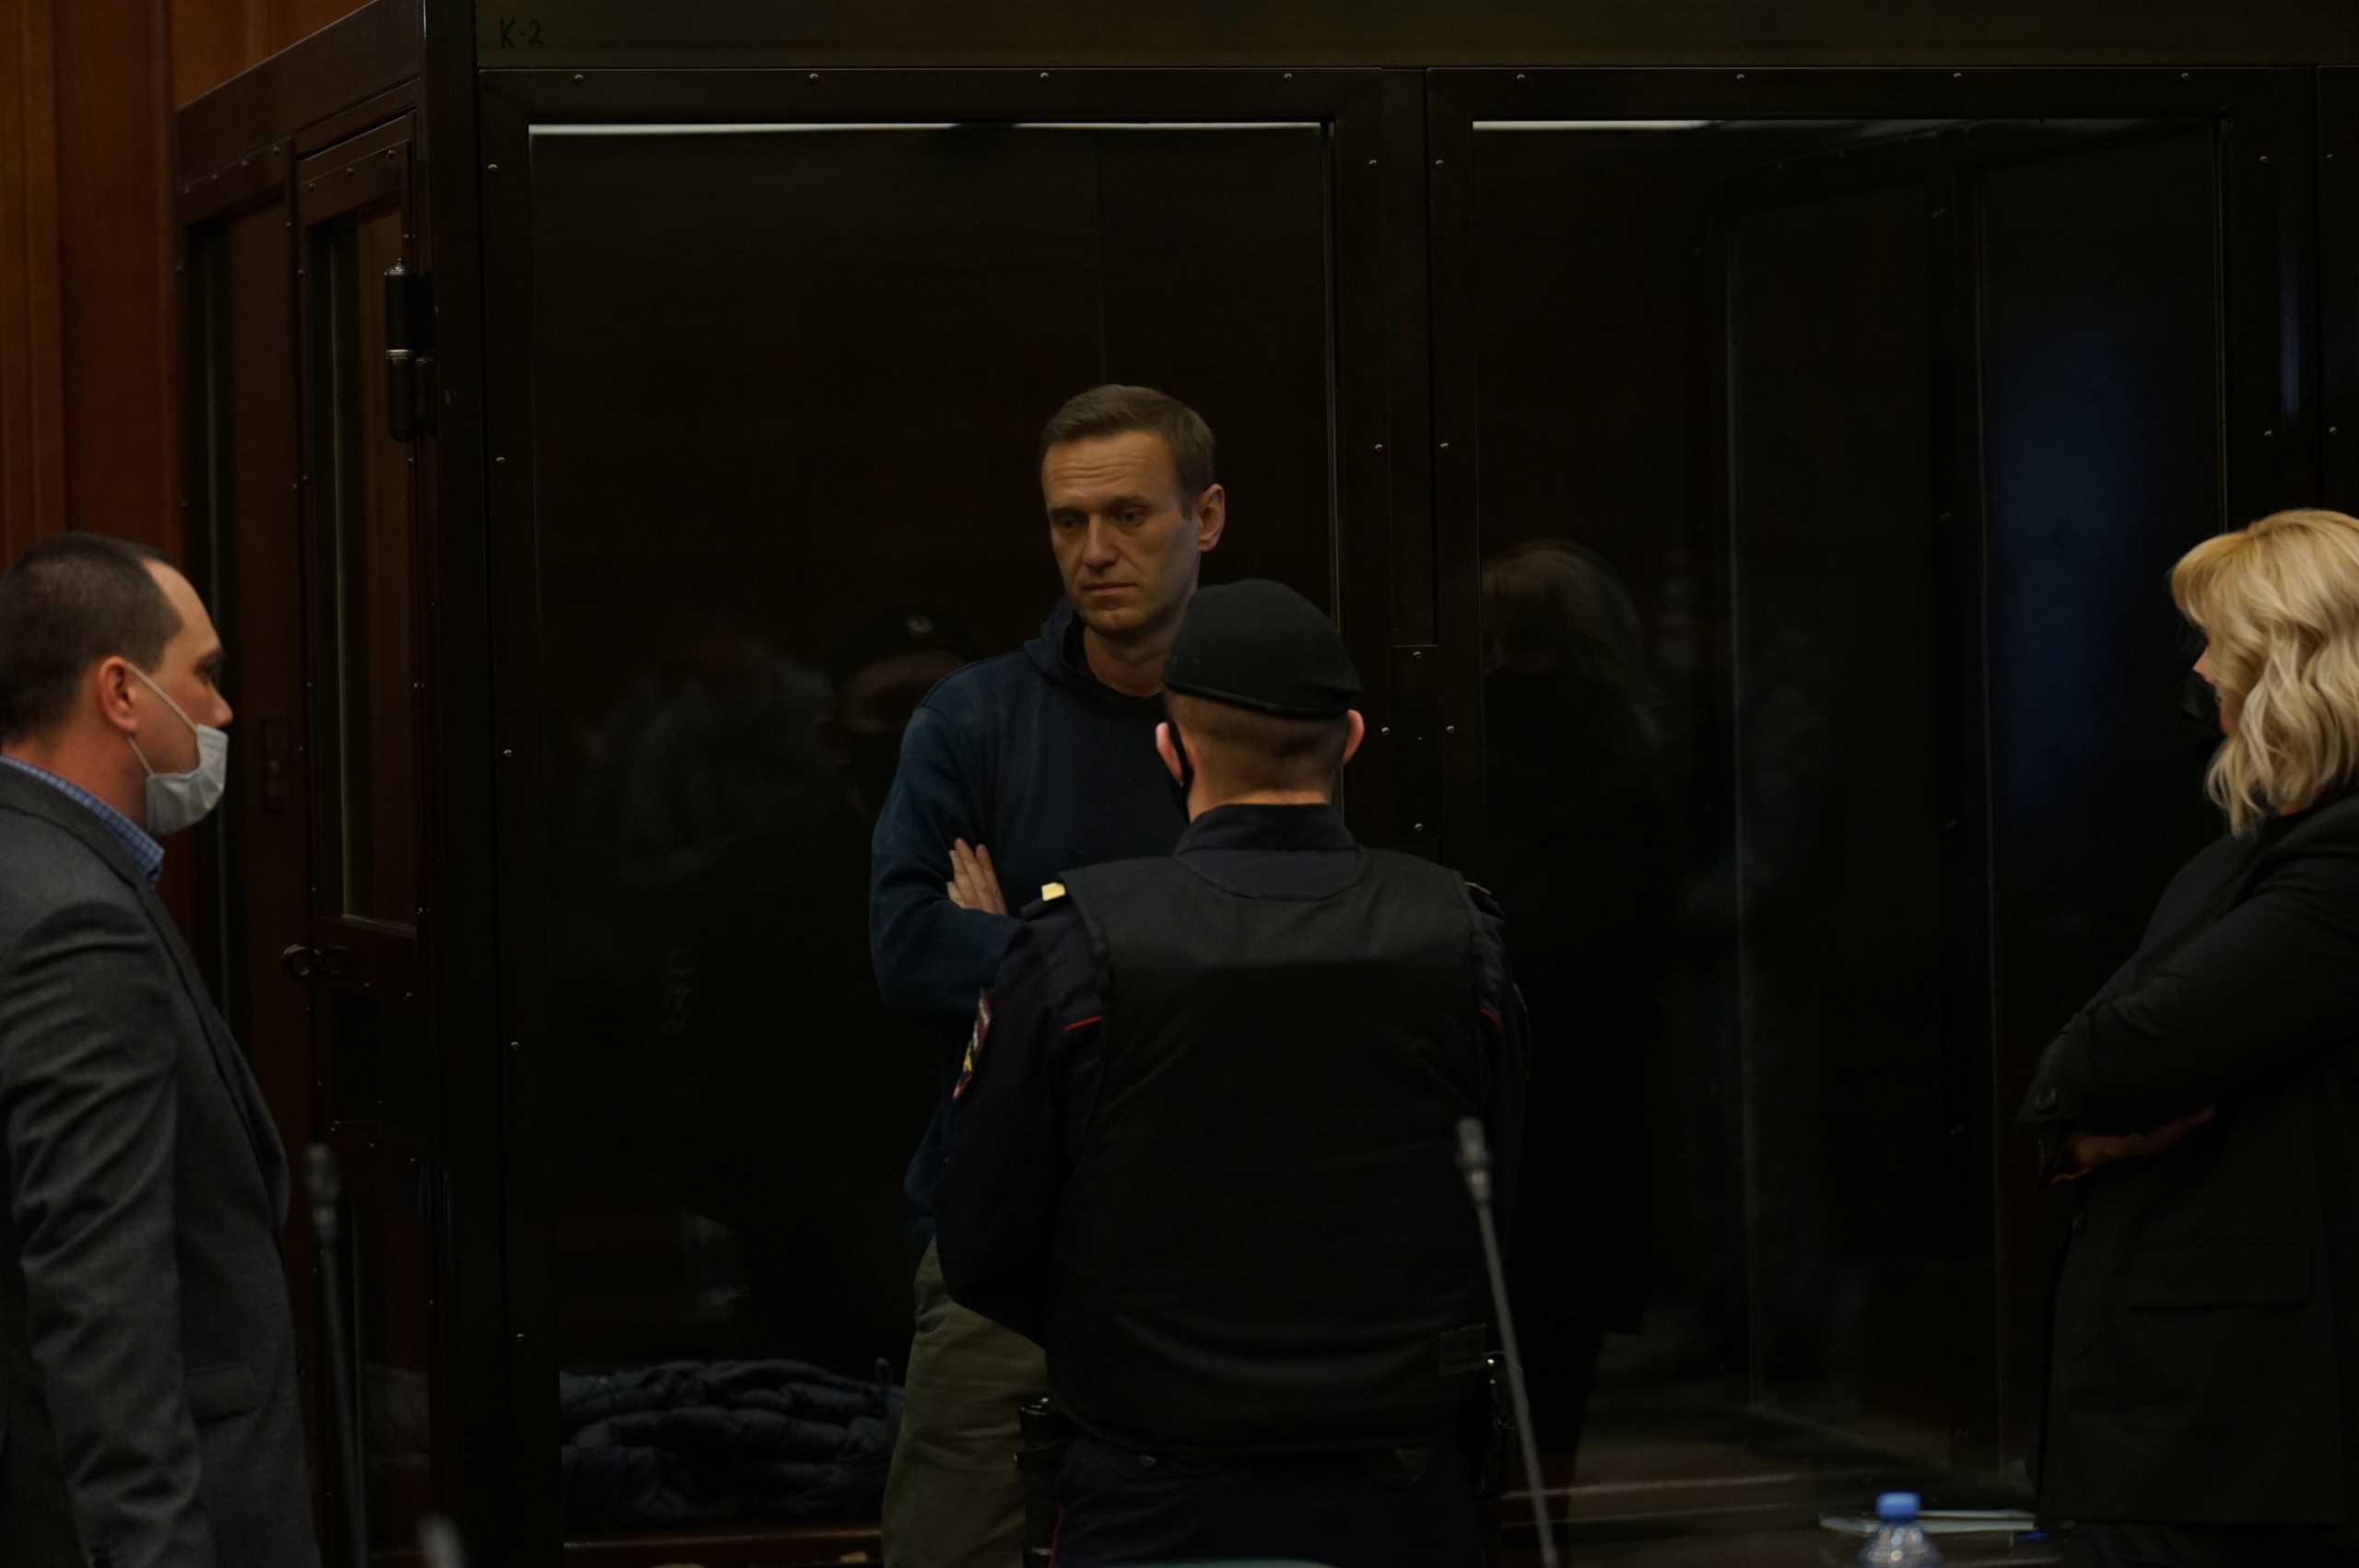 Ρωσία: Στη φυλακή ο  Ναβάλνι μετά την απόφαση του δικαστηρίου